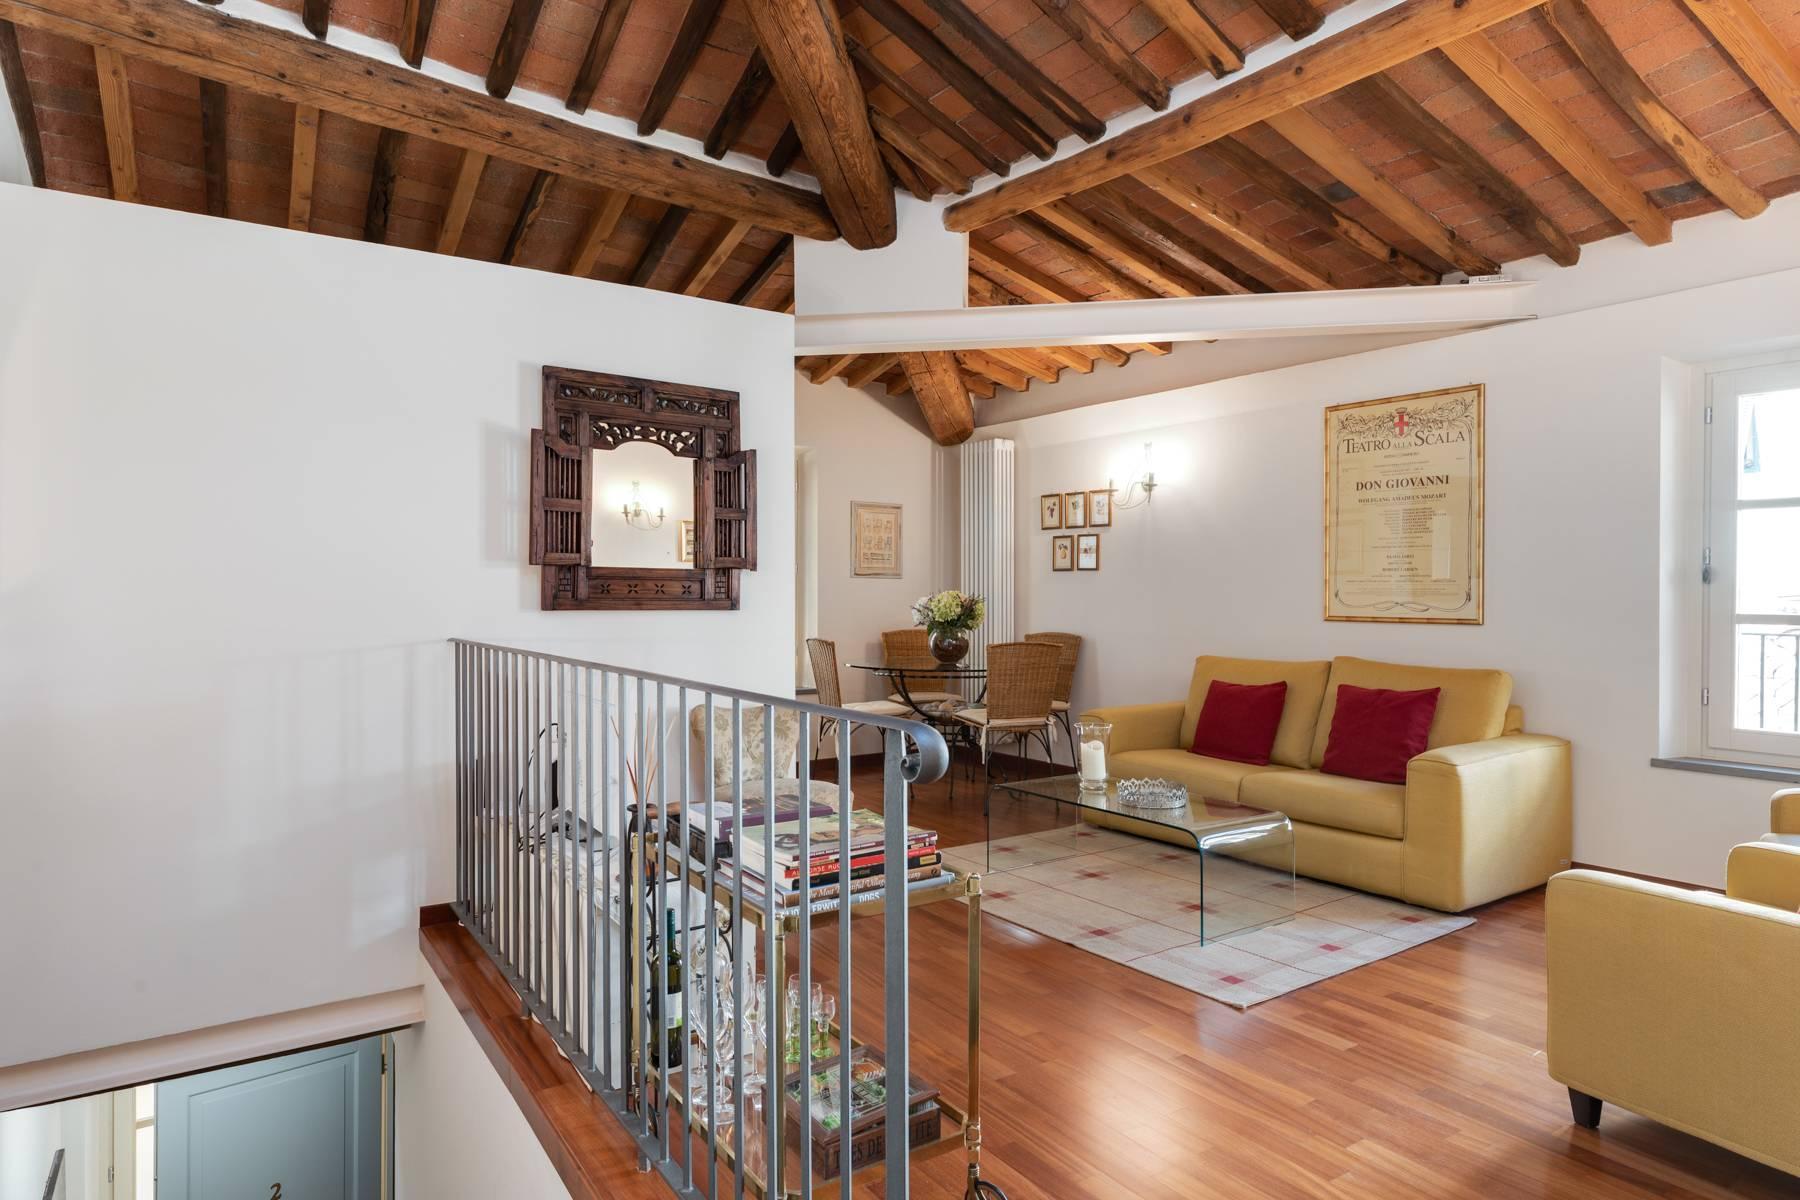 Grazioso appartamento indipendente nel cuore di Lucca - 2